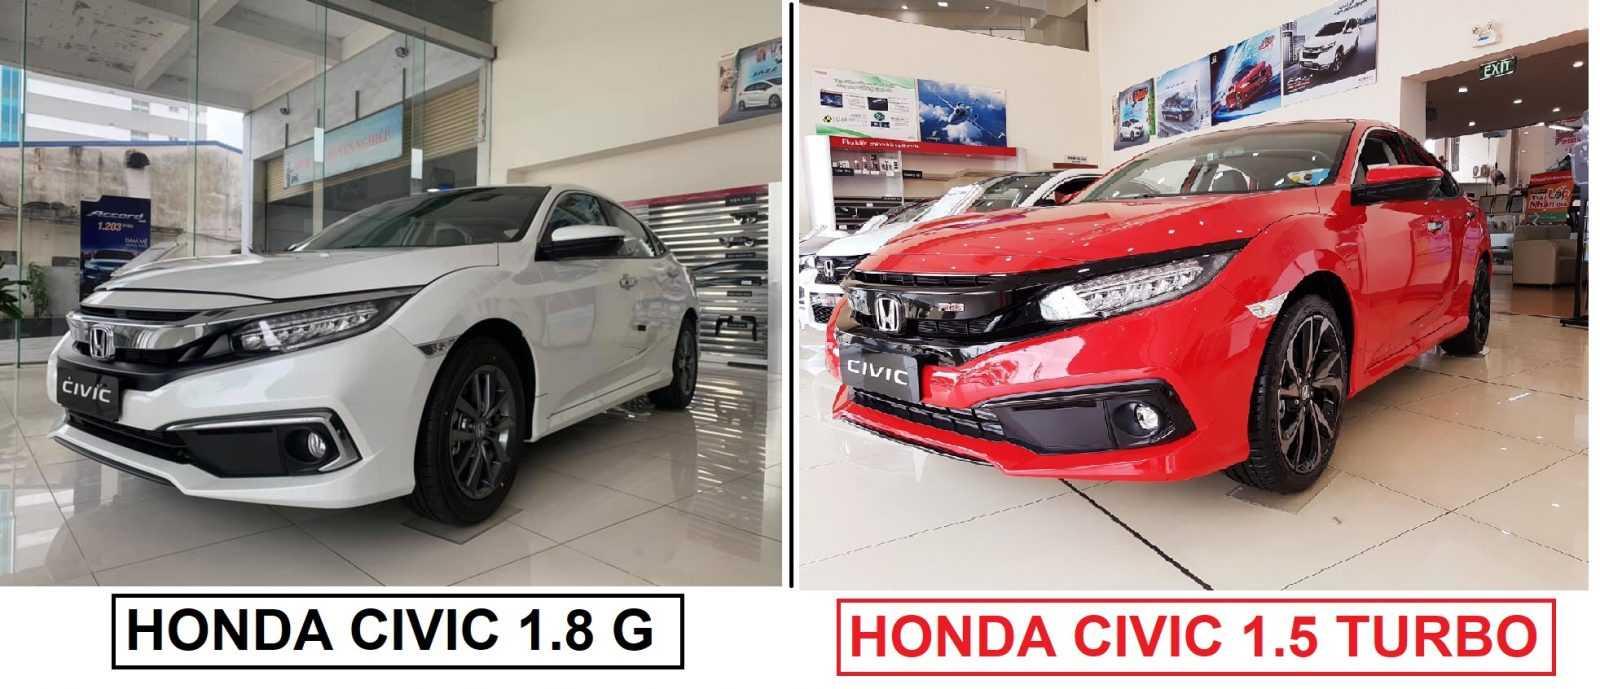 Điểm khác nhau giữa Civic 1.8G và Civic 1.5 Turbo RS